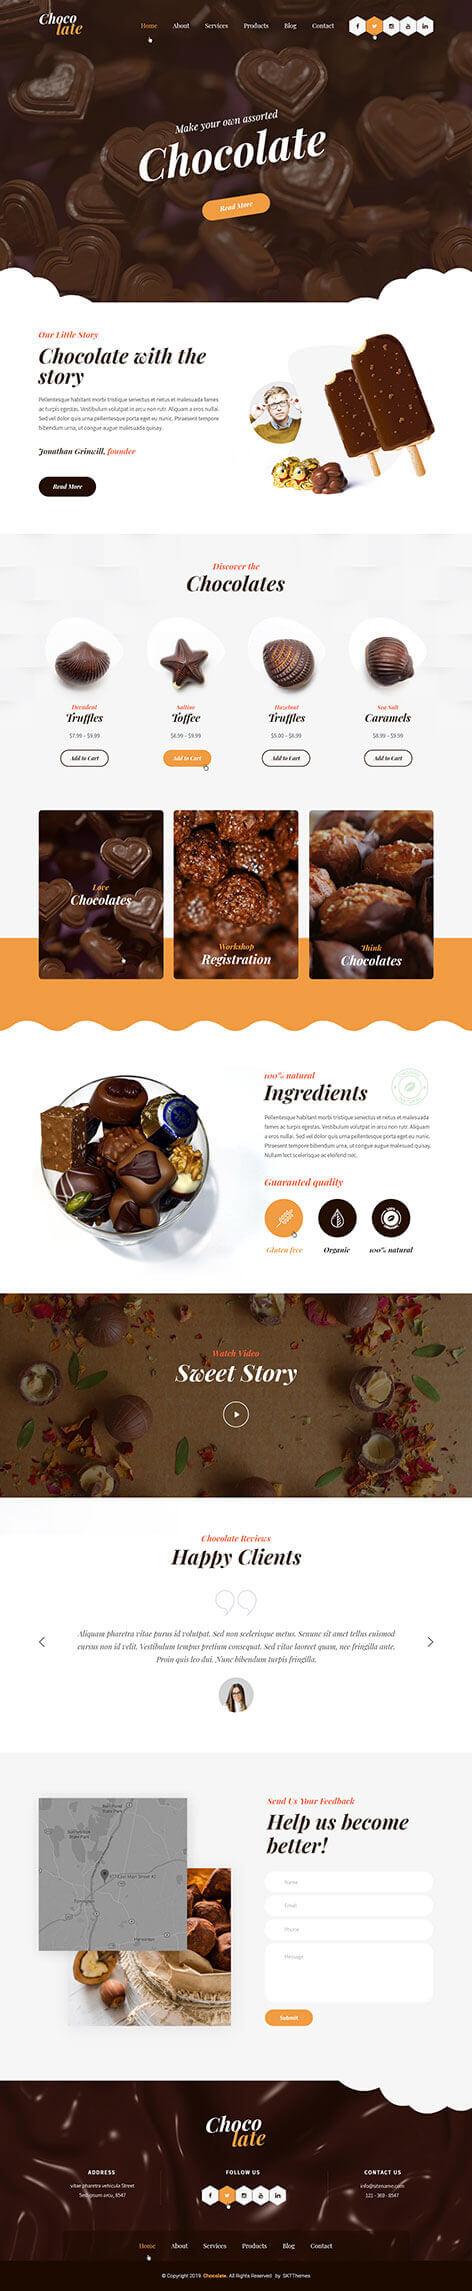 candy shop WordPress theme